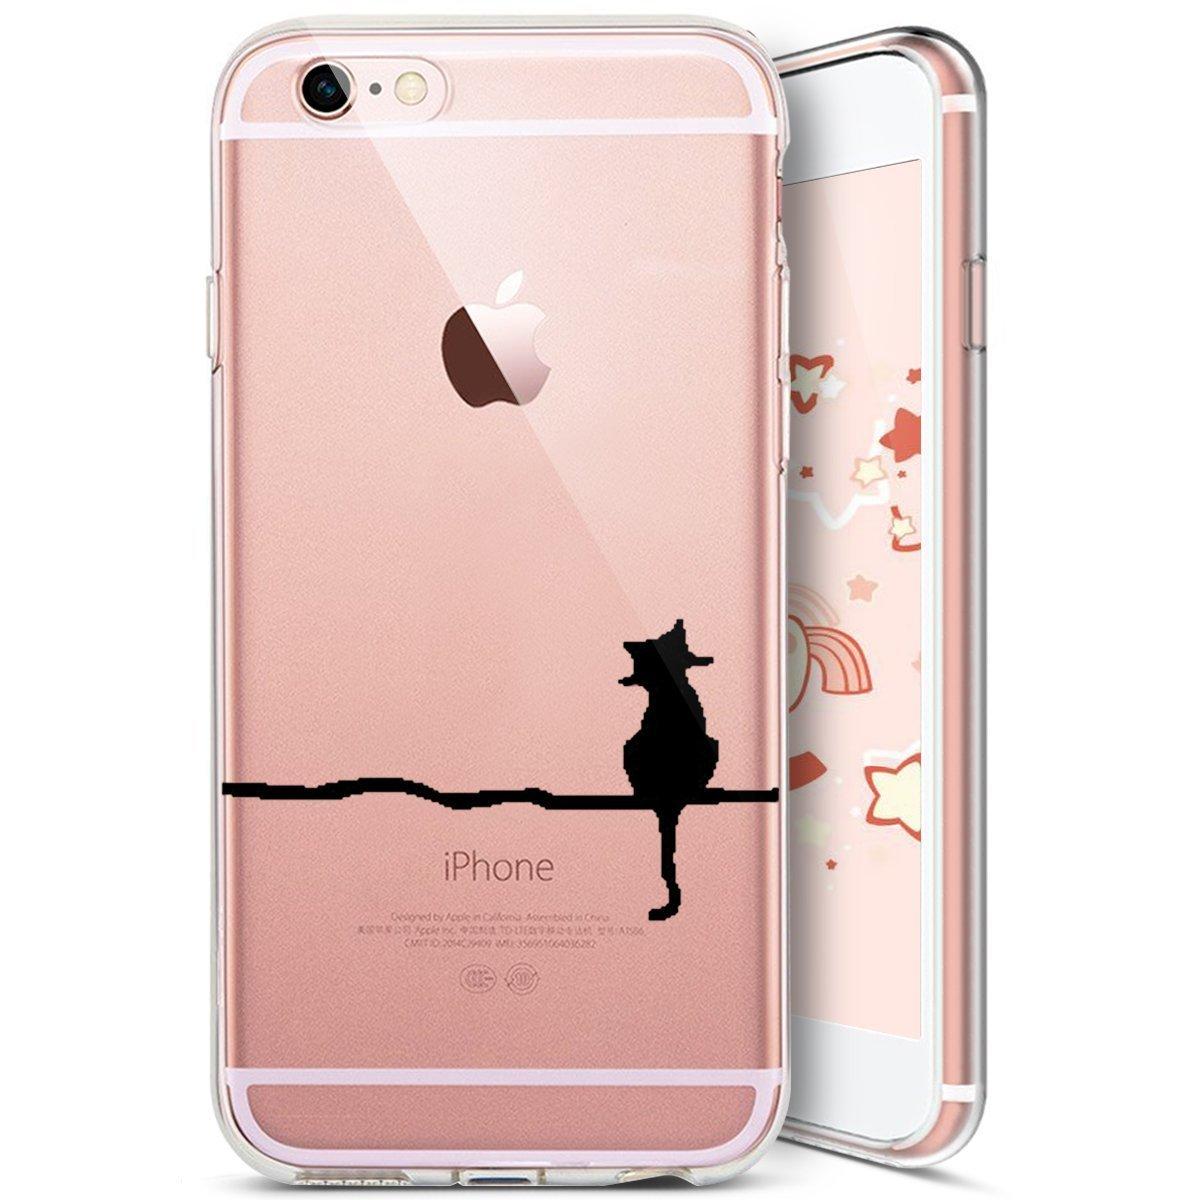 JAWSEU iPhone 7 Plus//8 Plus Custodia Cover Silicone TPU Trasparente Bella Creativo Protettiva Bumper Cristallo Chiaro Luminoso Ultra Sottile Gomma Gel Morbida Flessibile Soft Case